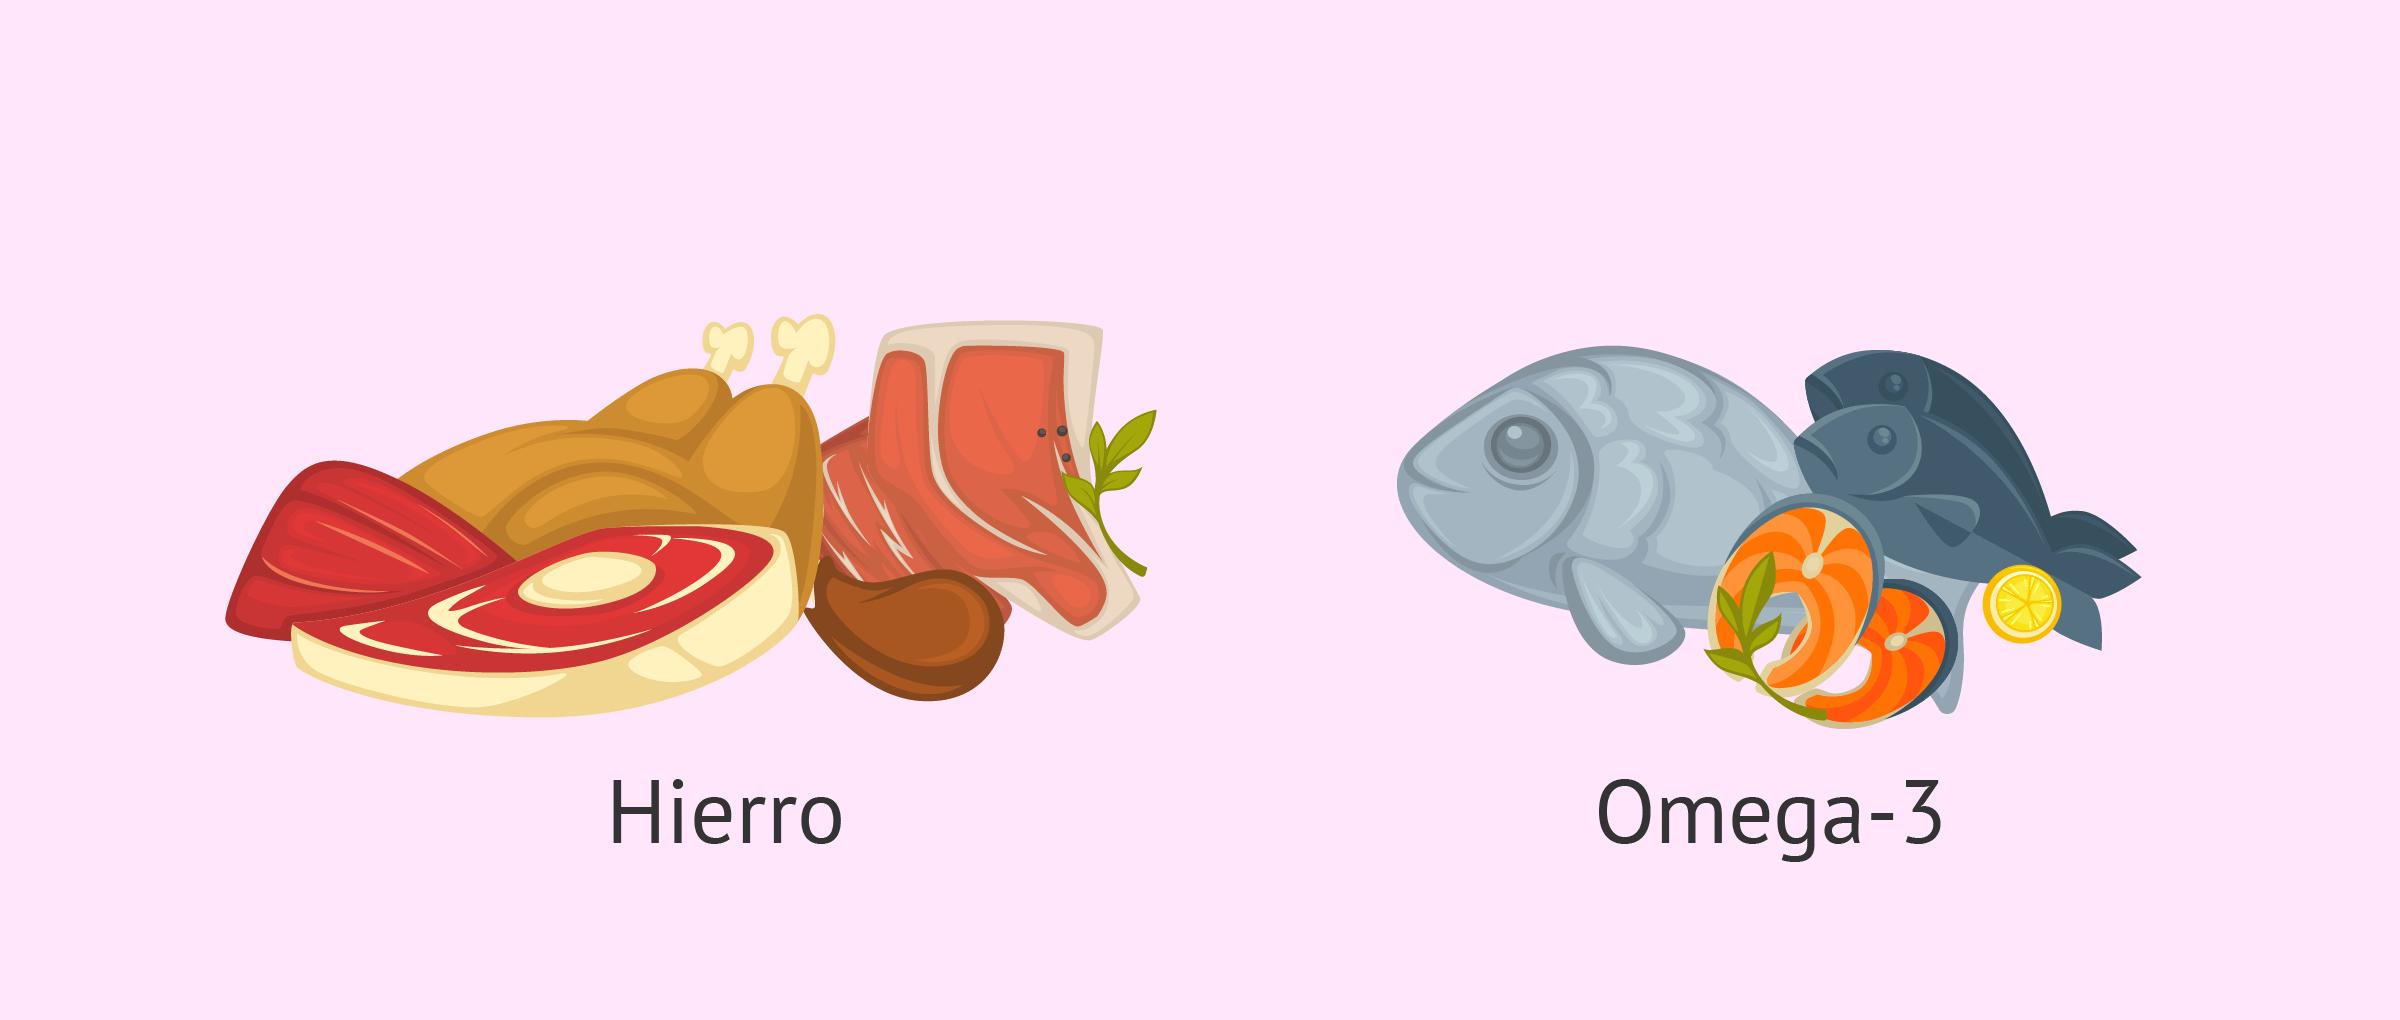 Carnes y pescados en el embarazo